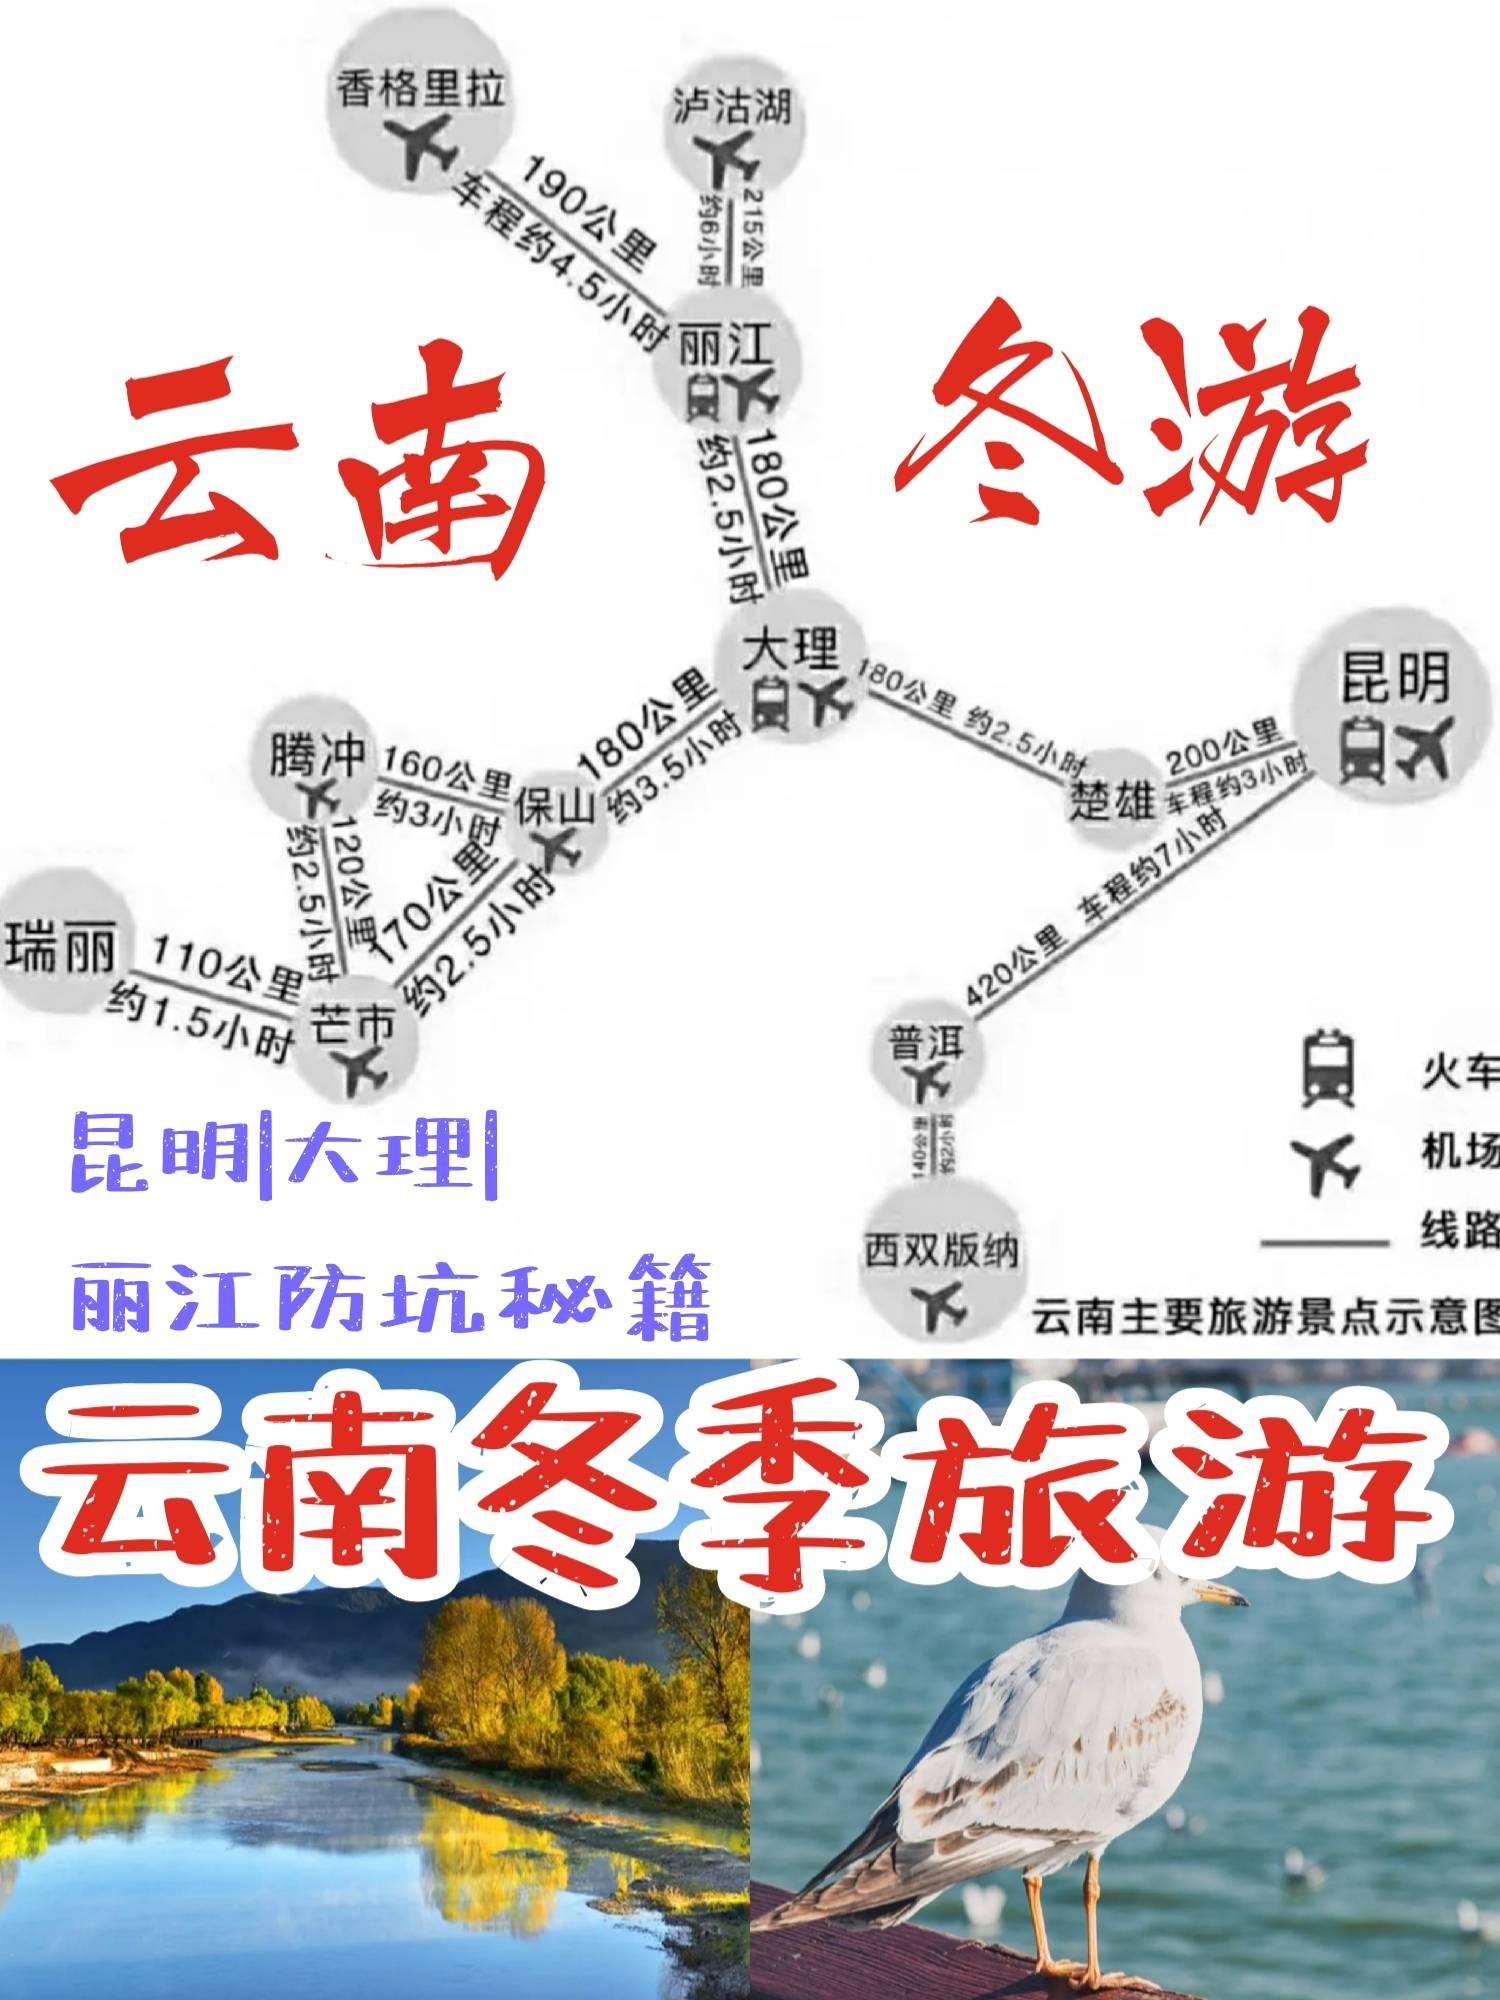 云南旅游攻略自由行路线推荐:冬季去云南旅游,这些防坑避雷攻略需要提前知道哦 网络快讯 第5张